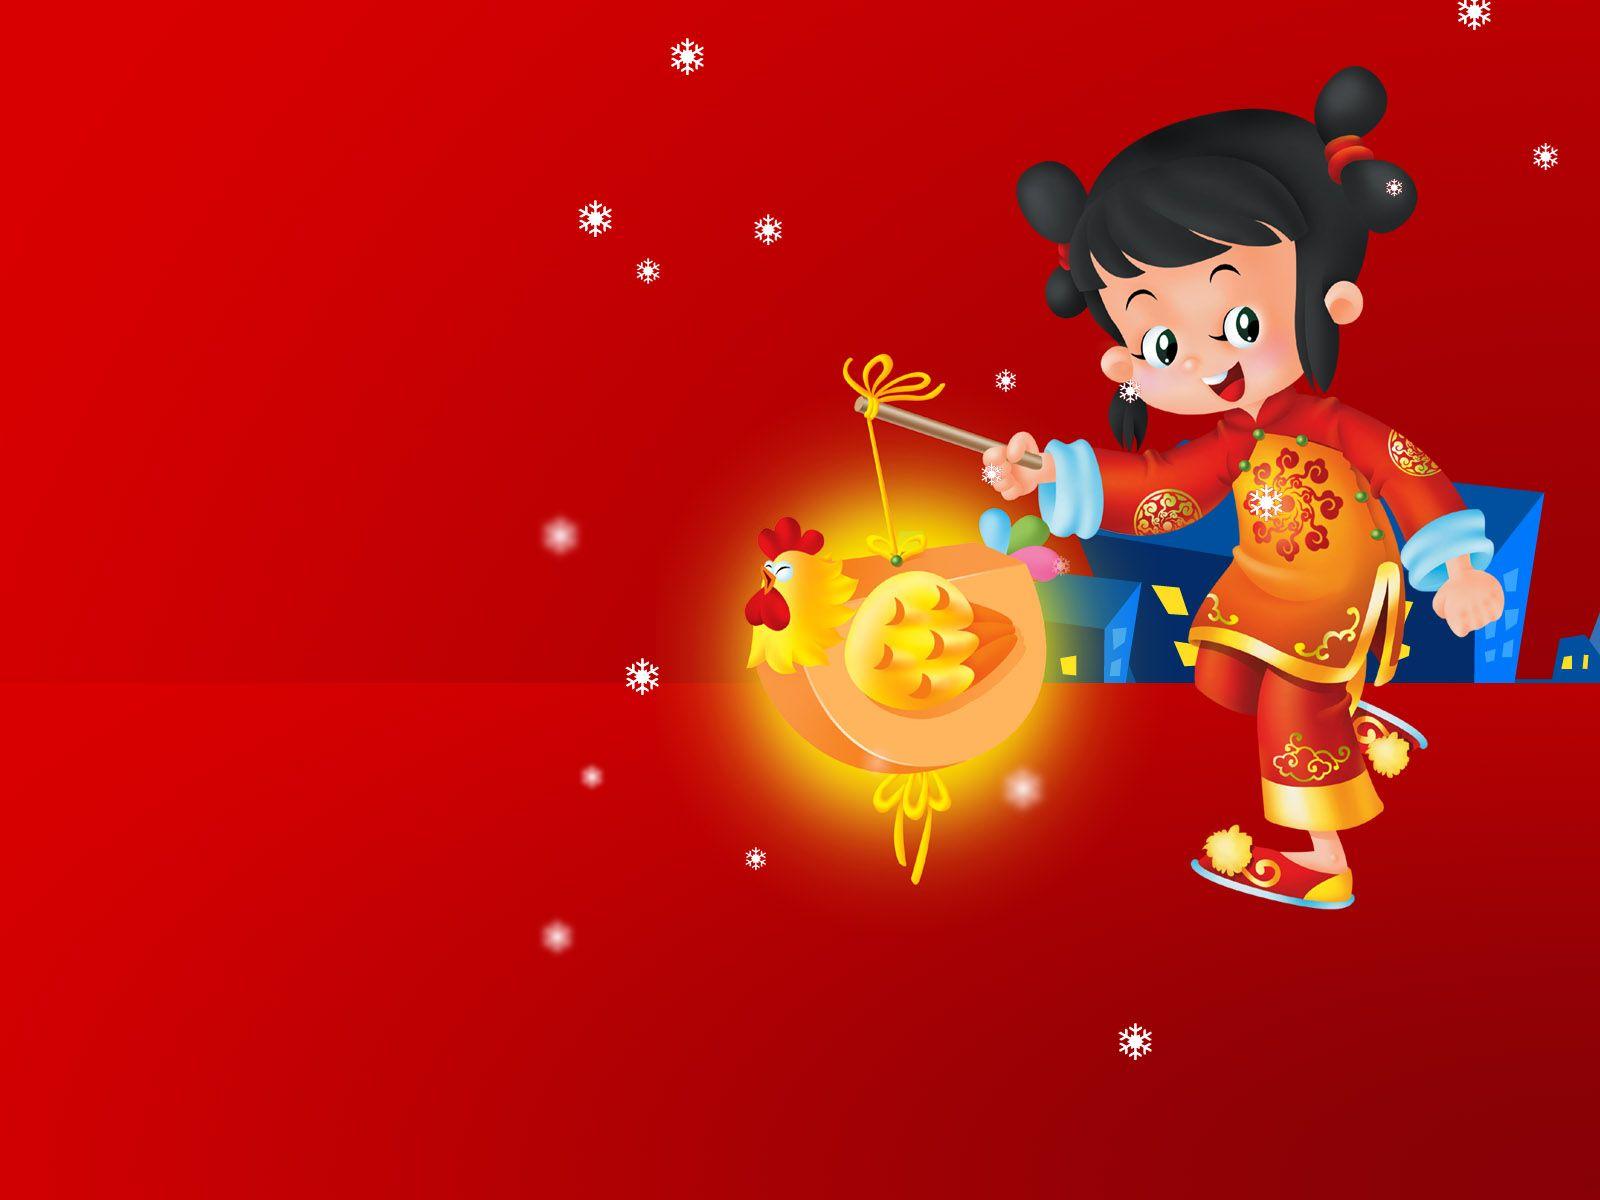 Chinese New Year 2014 Desktop Wallpaper   Wallpaper High 1600x1200